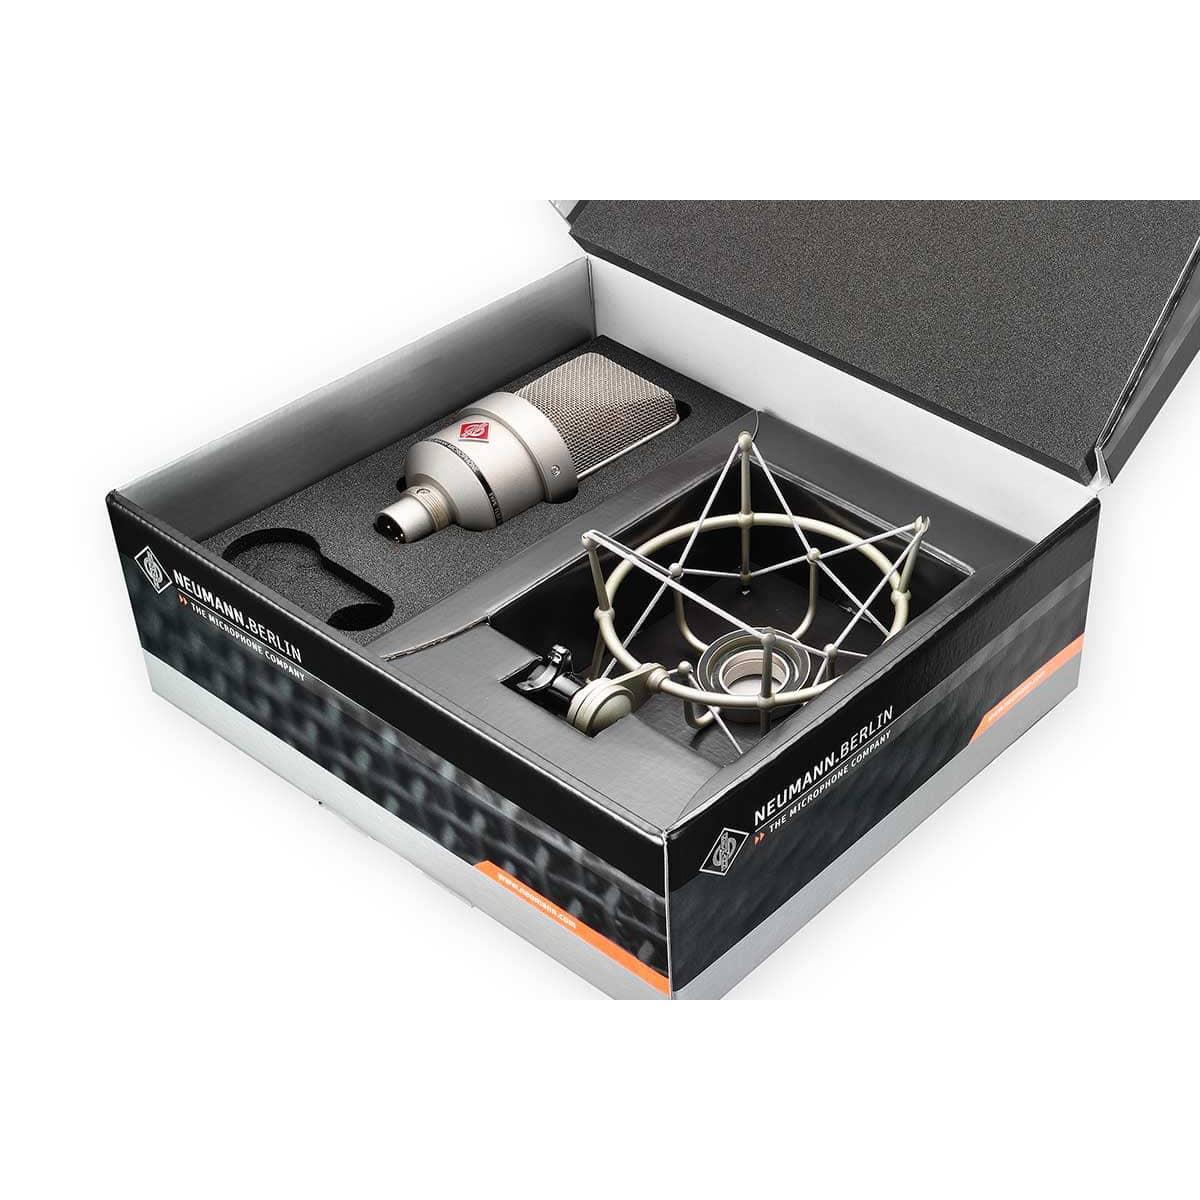 Neumann TLM 103 EA1 Carton 012 Microfoni a Condensatore, Microfoni professionali, Strumentazioni Pro Audio per studi di registrazione